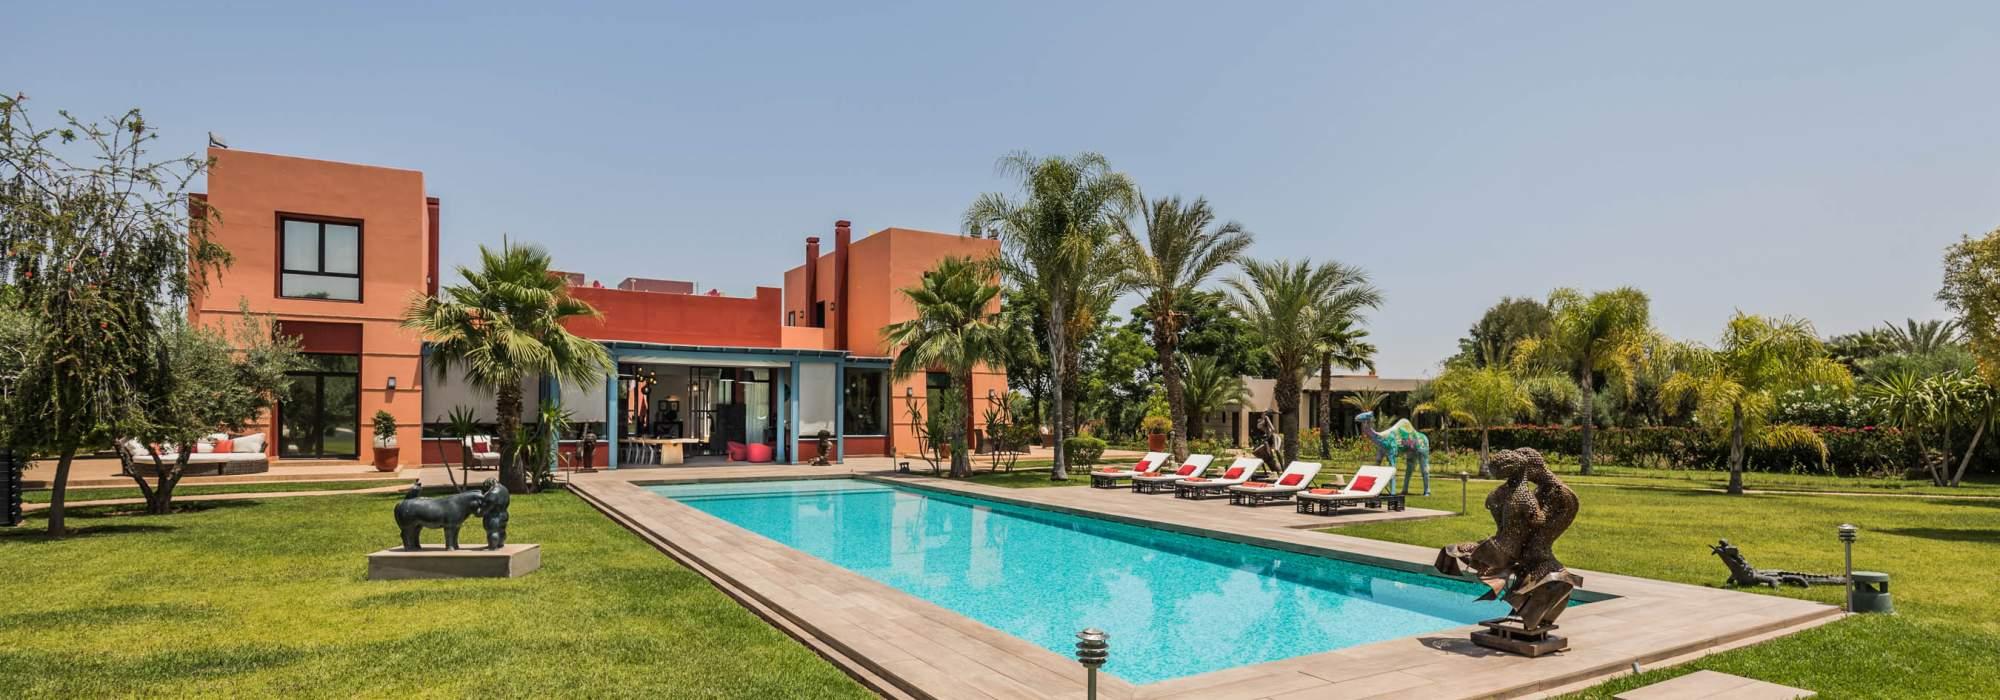 vente villa contemporain route d'ourika